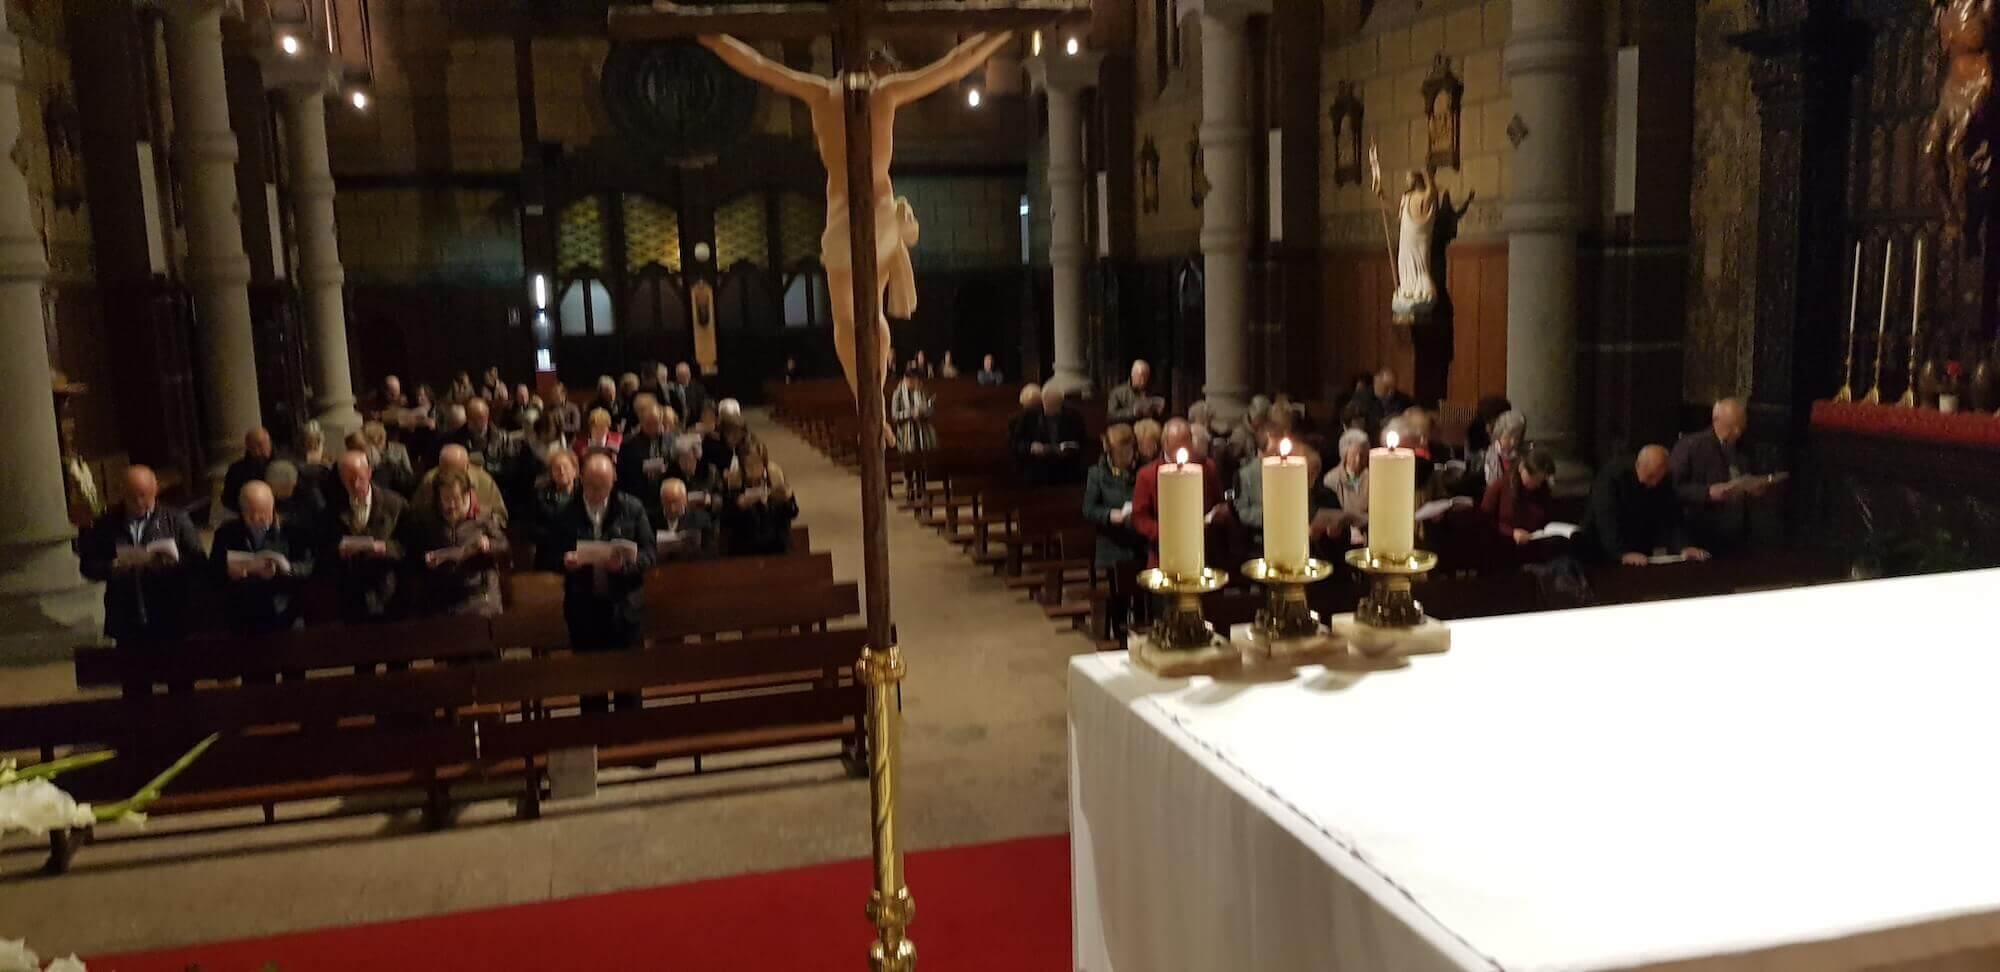 Vigilia de la Adoracion Nocturna en la Basílica del Sagrado Corazón